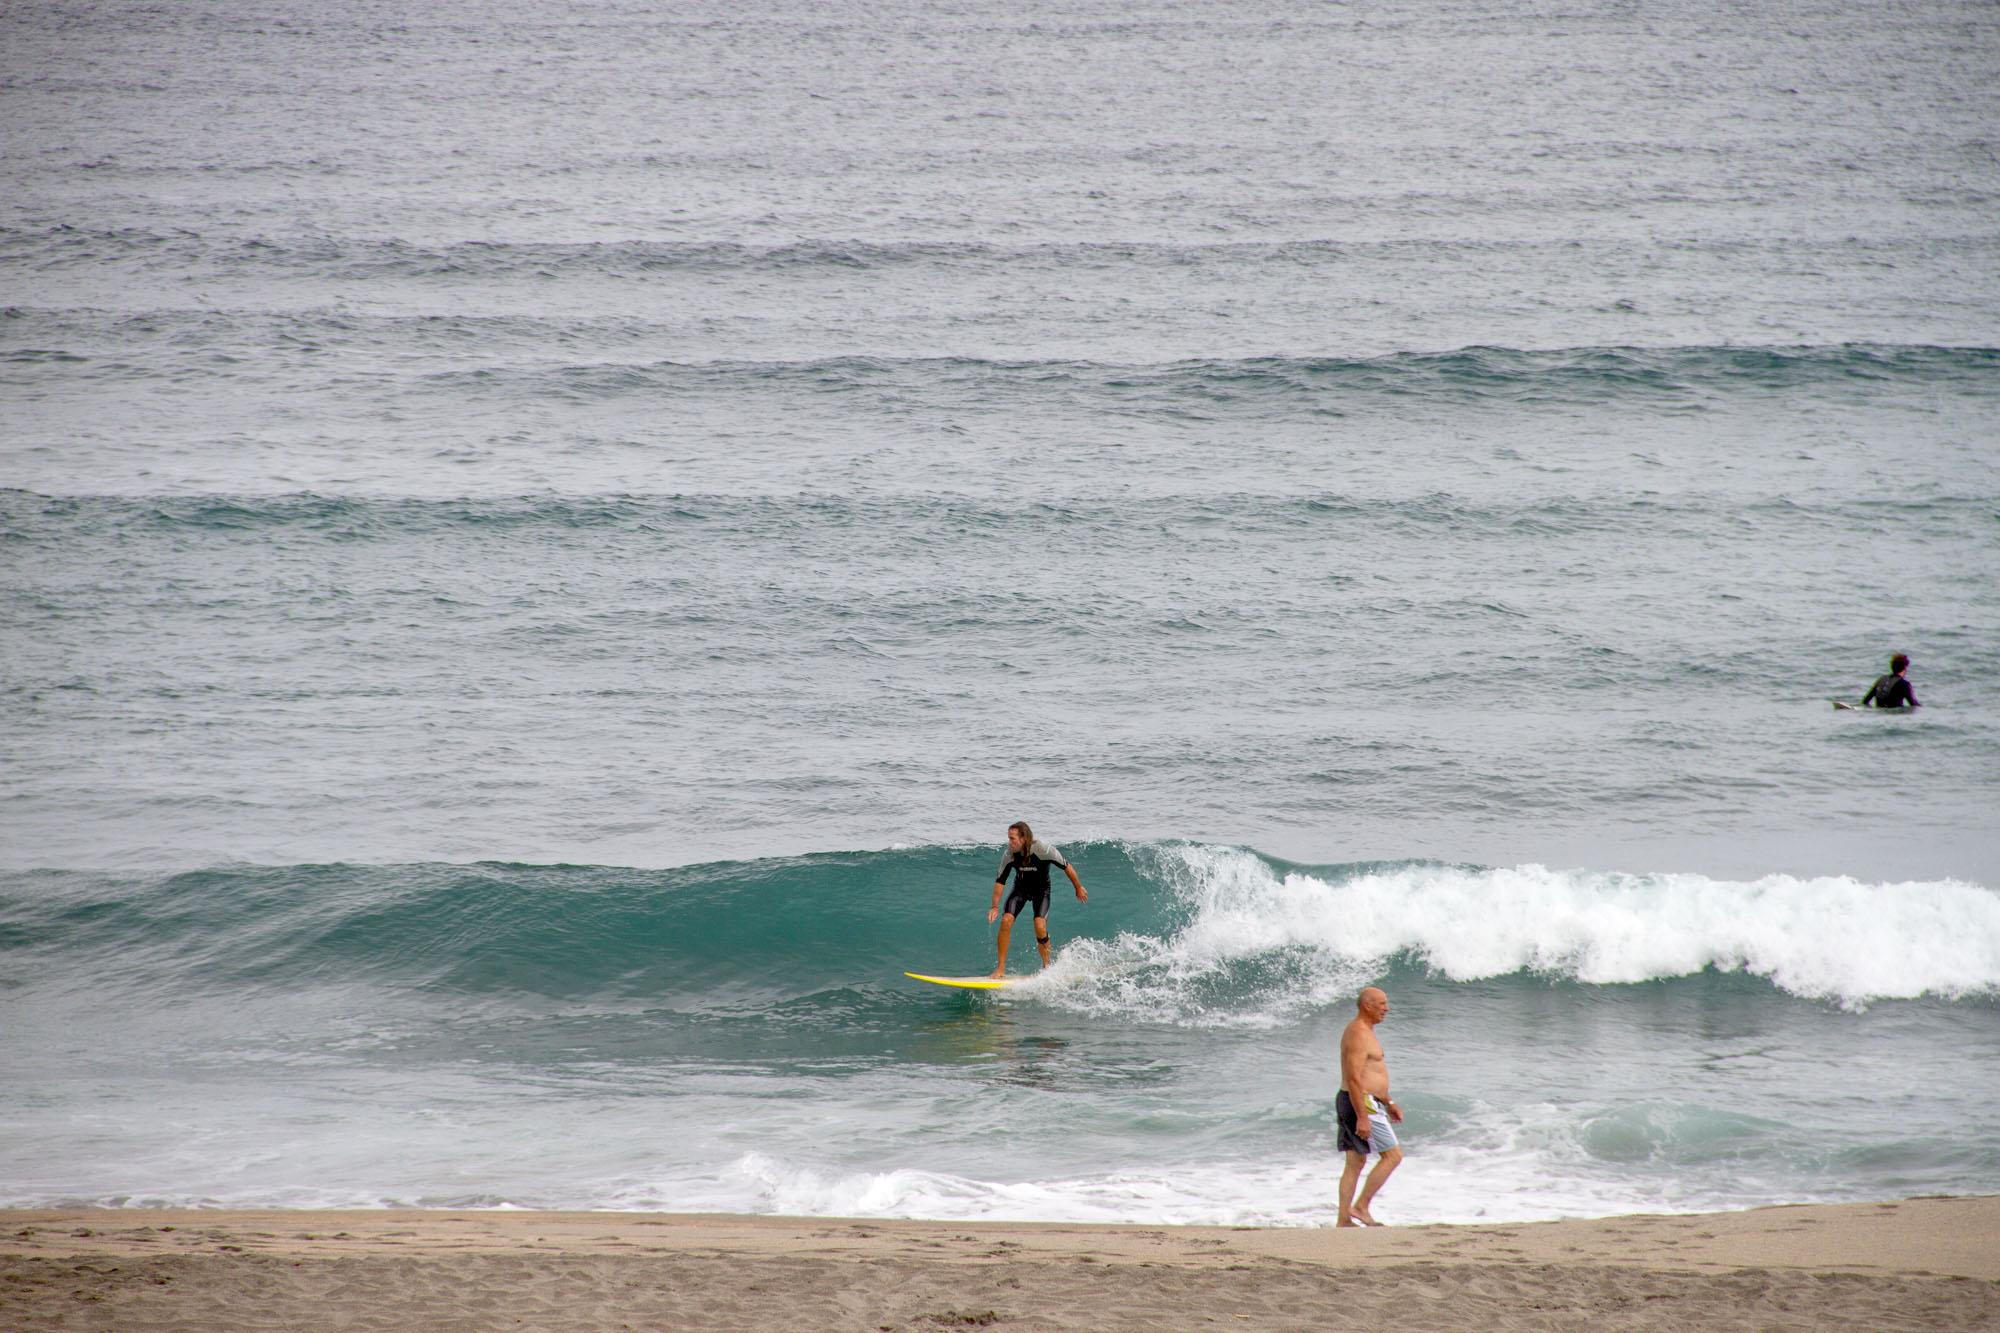 Surfing Photos Asturias Vega